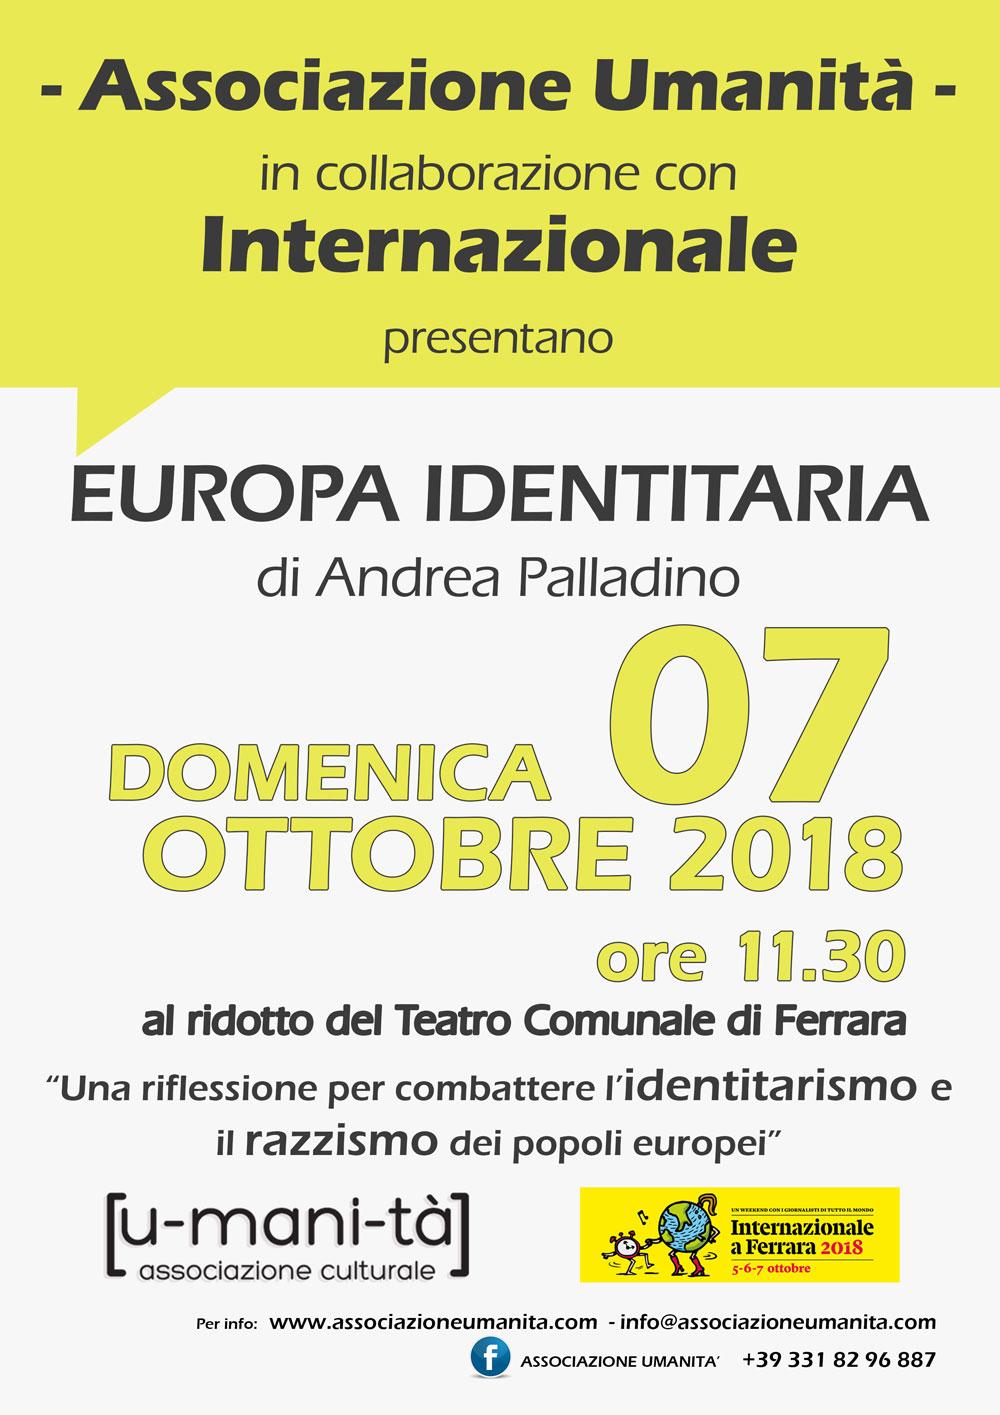 Evento Europa Identitaria di Andrea Palladino